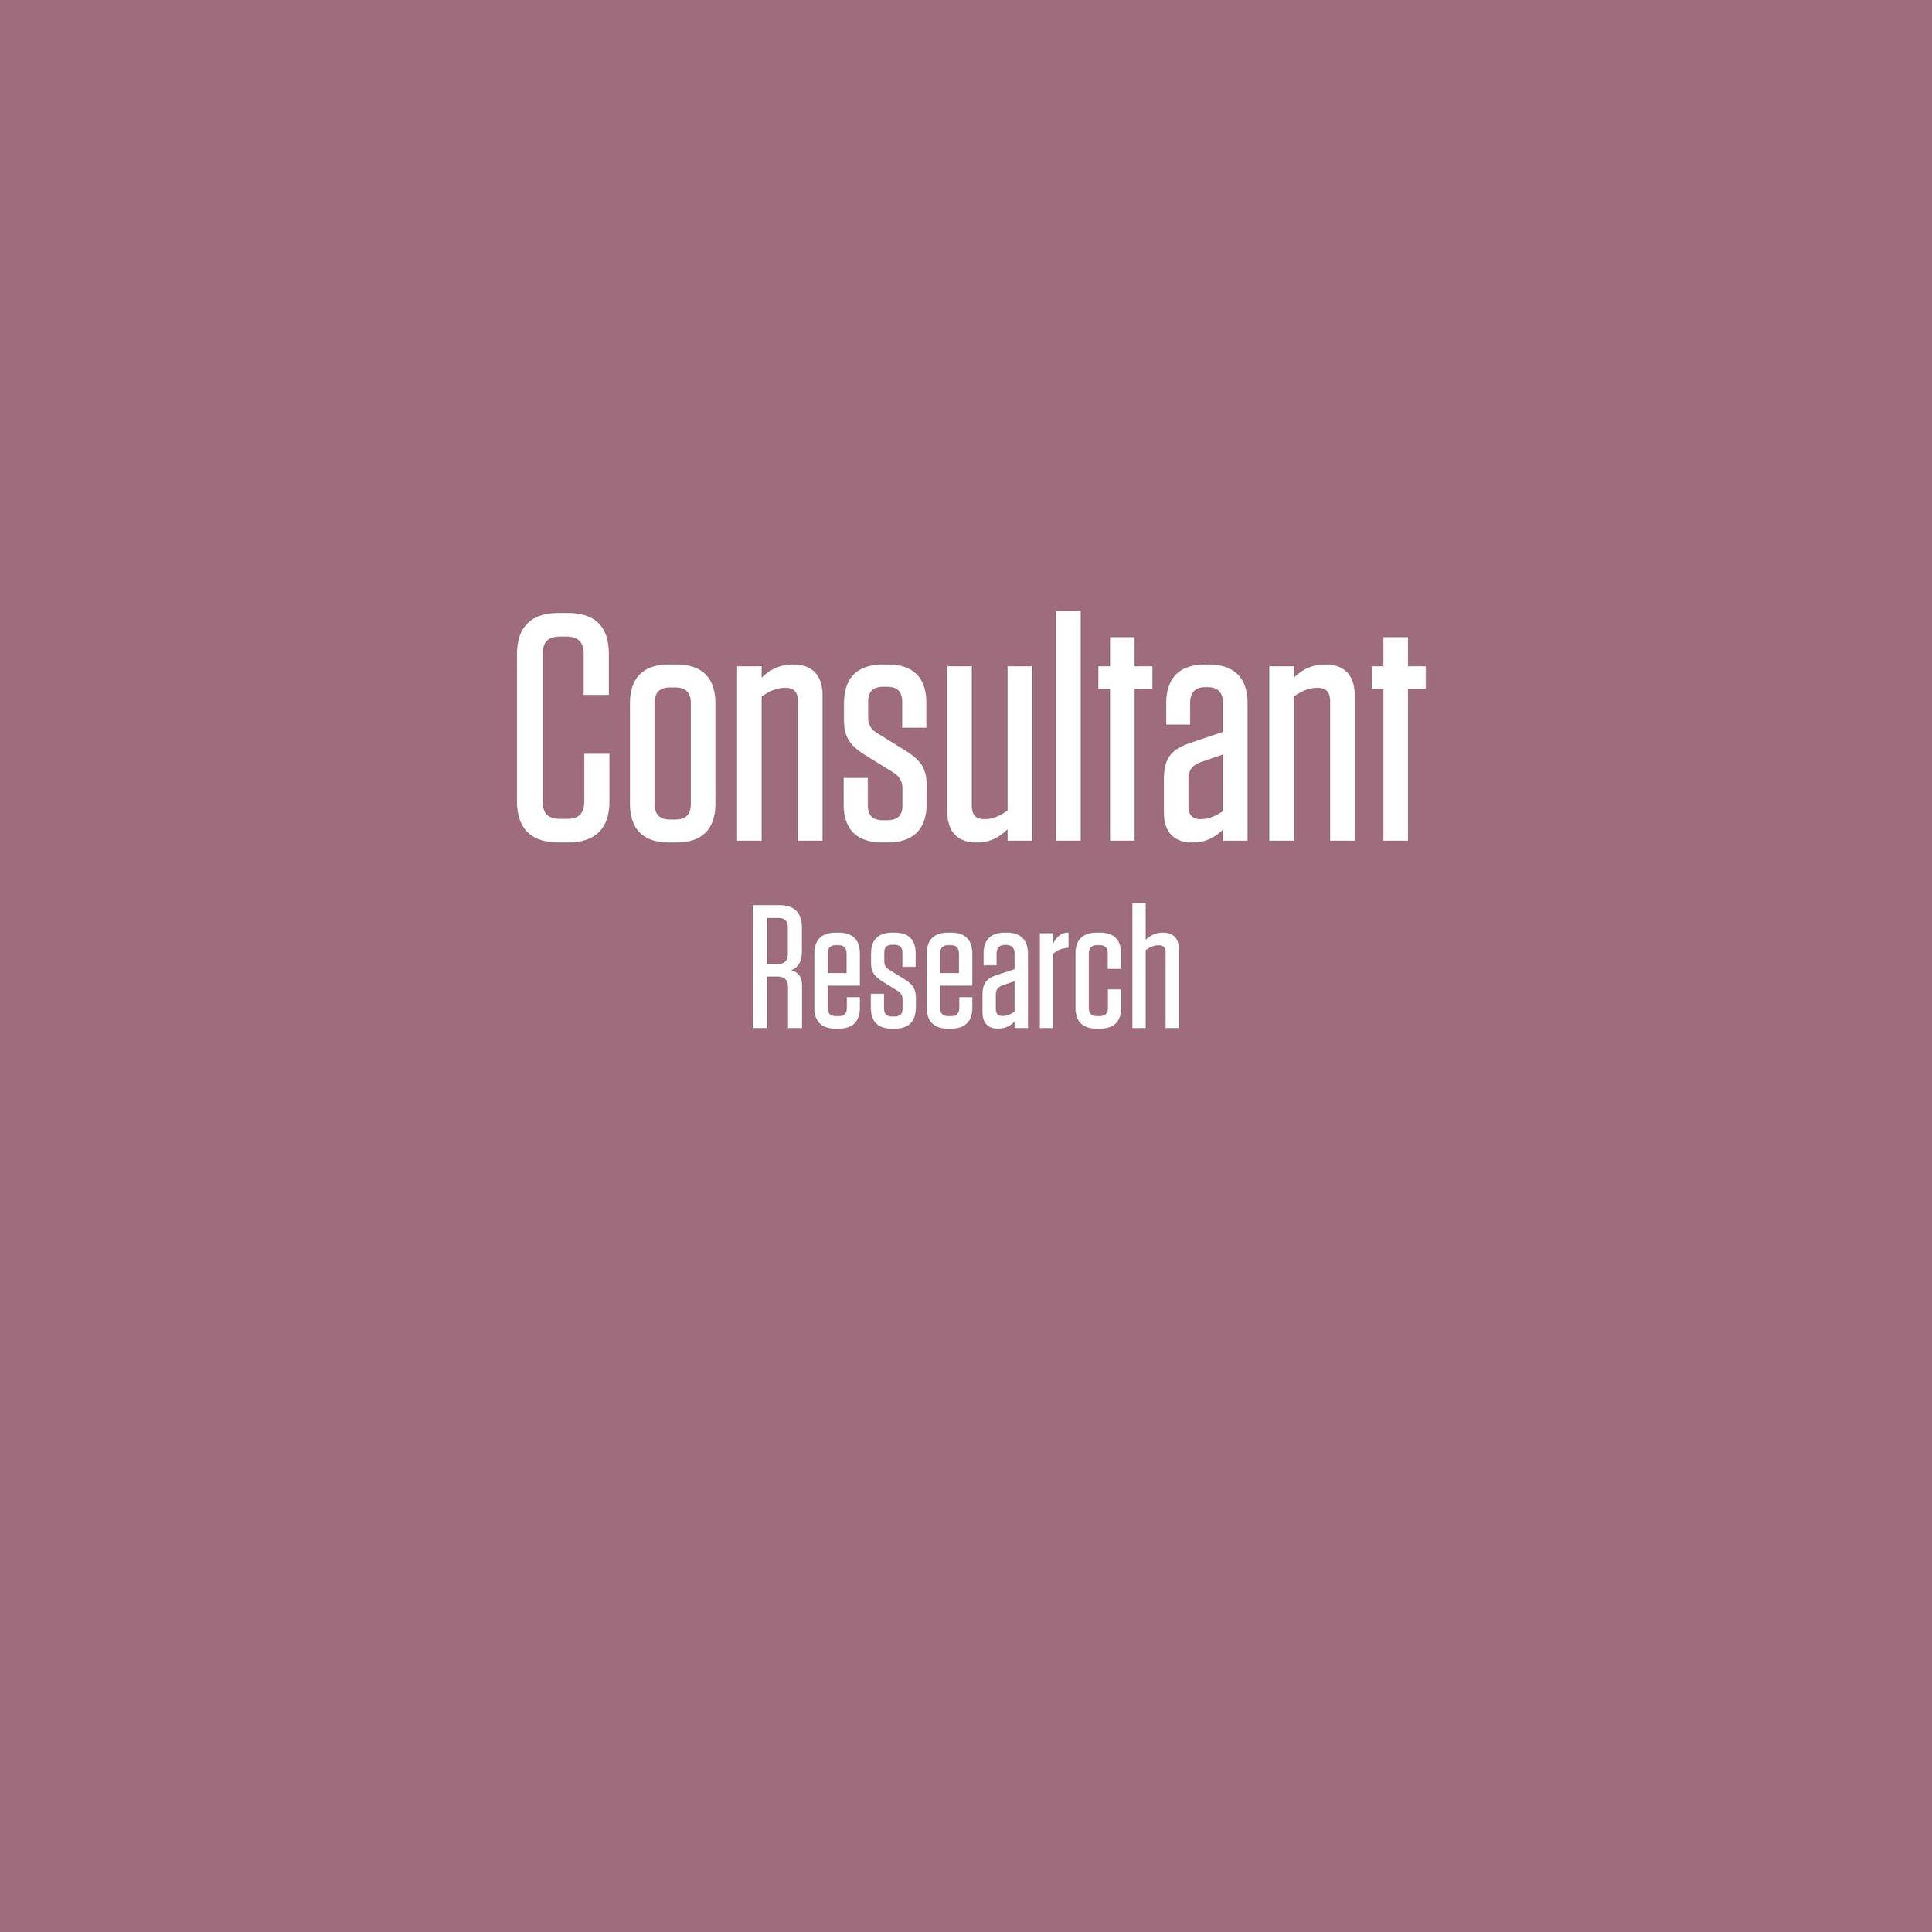 consultant.jpg